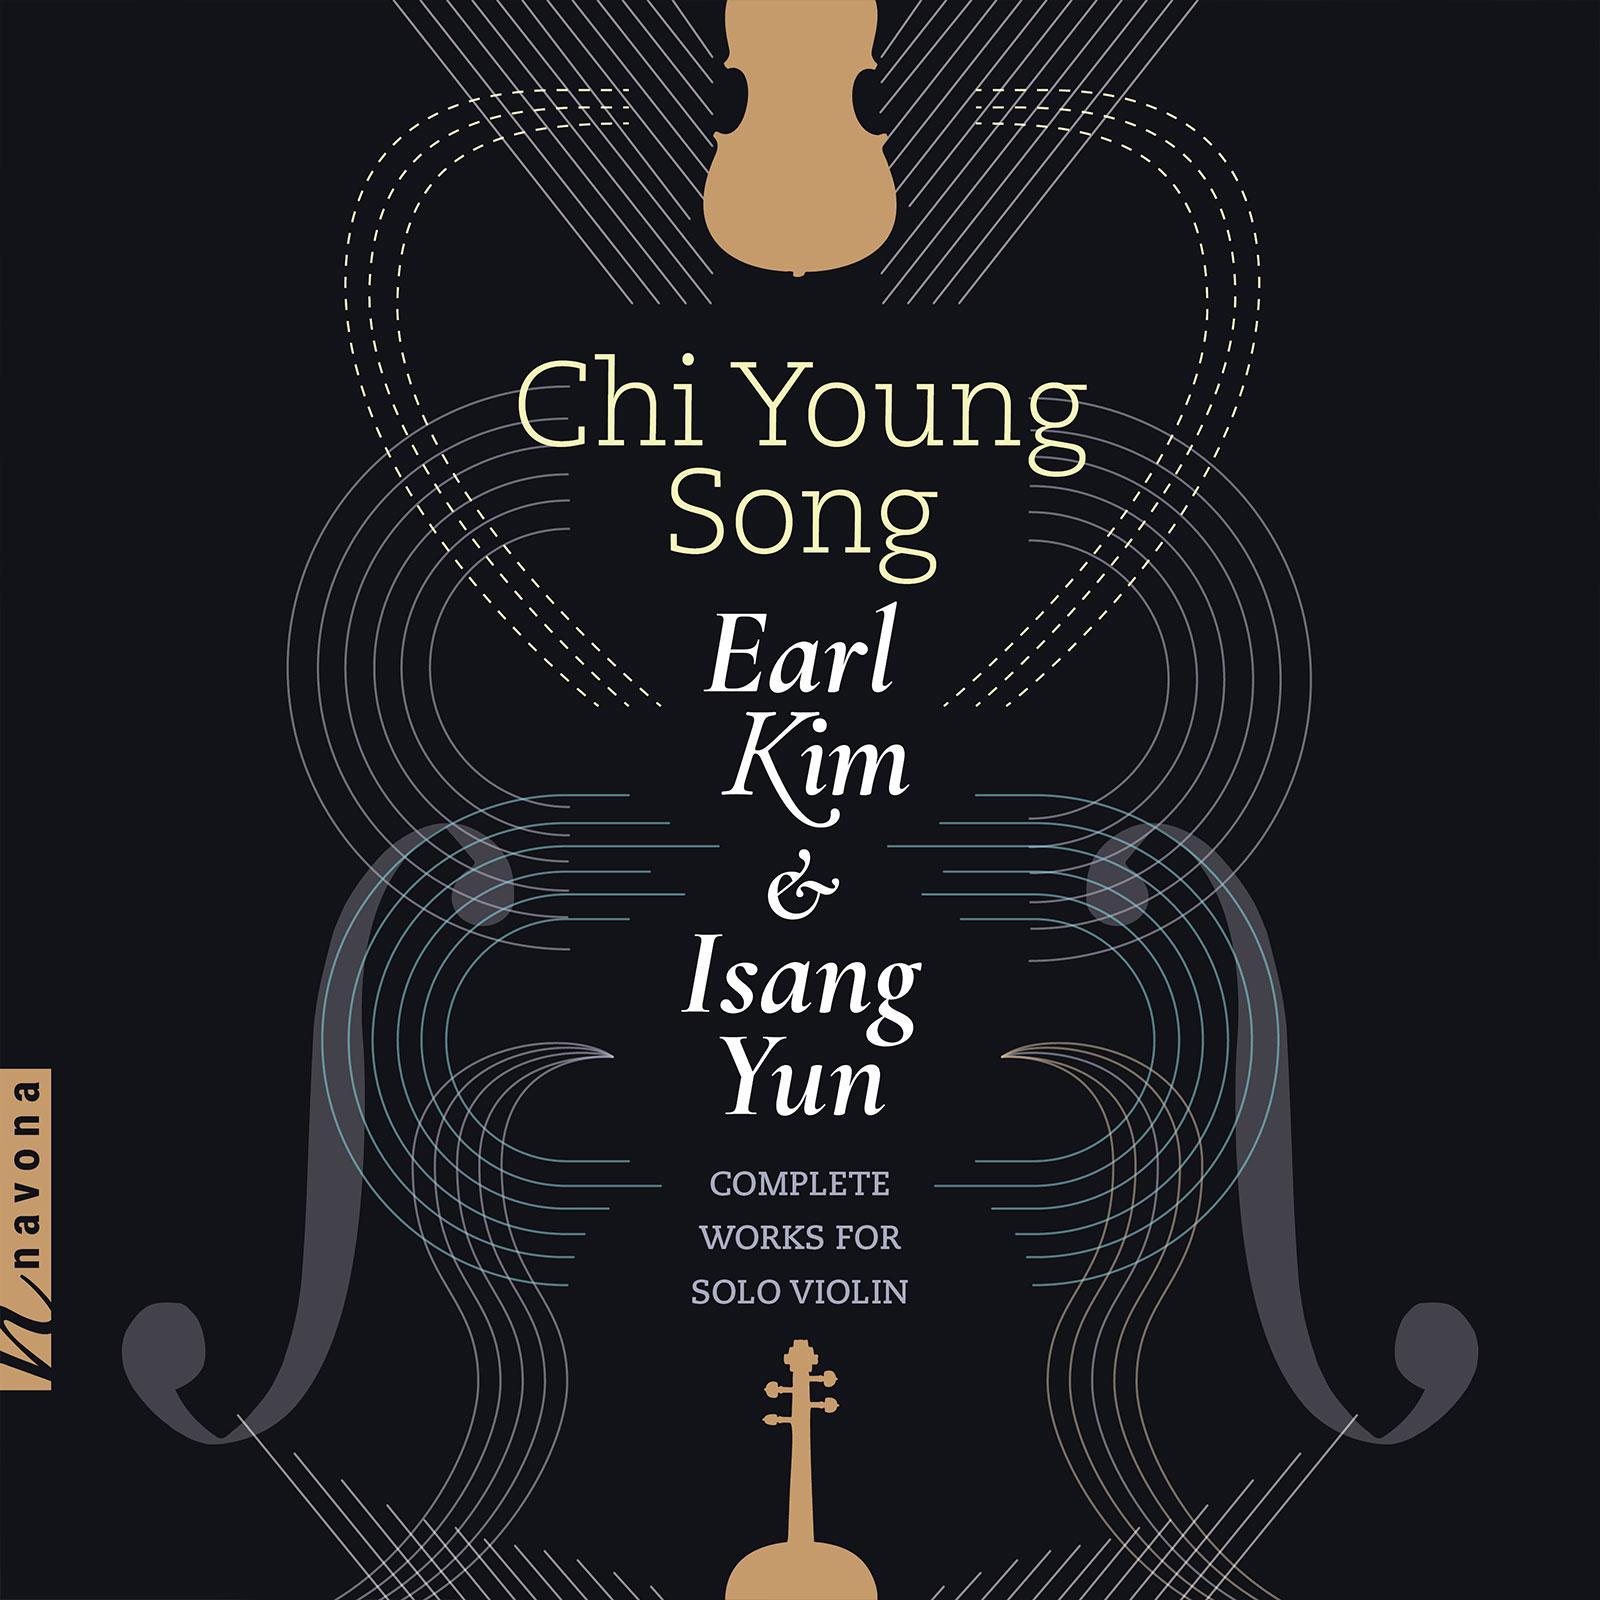 Earl Kim & Isang Yun